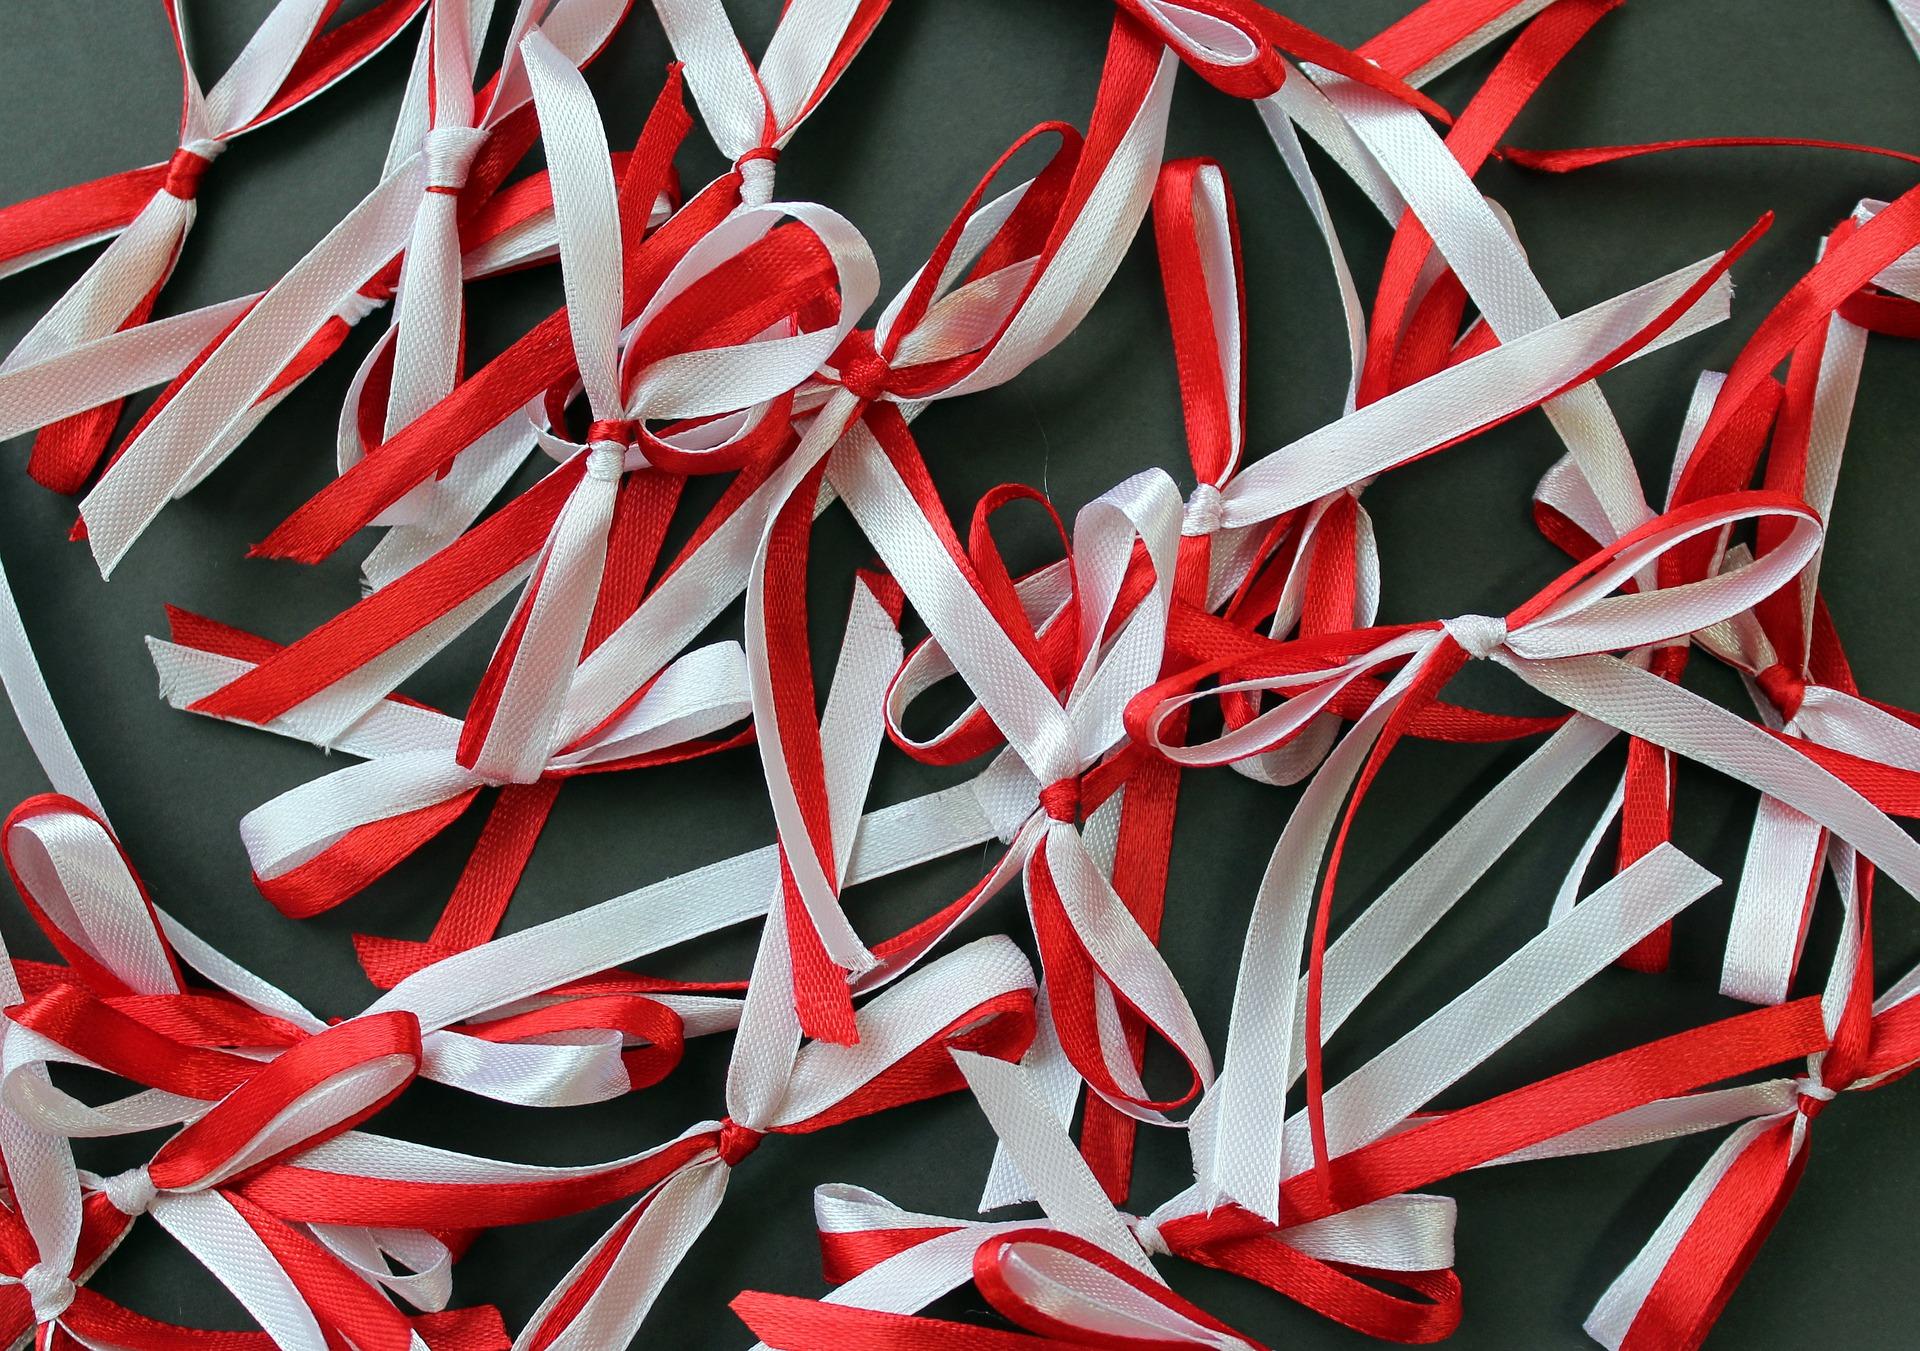 """Grant: """"Kształtowanie postaw patriotycznych i umiejętności współpracy w zespole w kontekście rocznic, świąt narodowych, w tym obchodów 100. rocznicy odzyskania Niepodległości przez Polskę"""" (G/45)"""